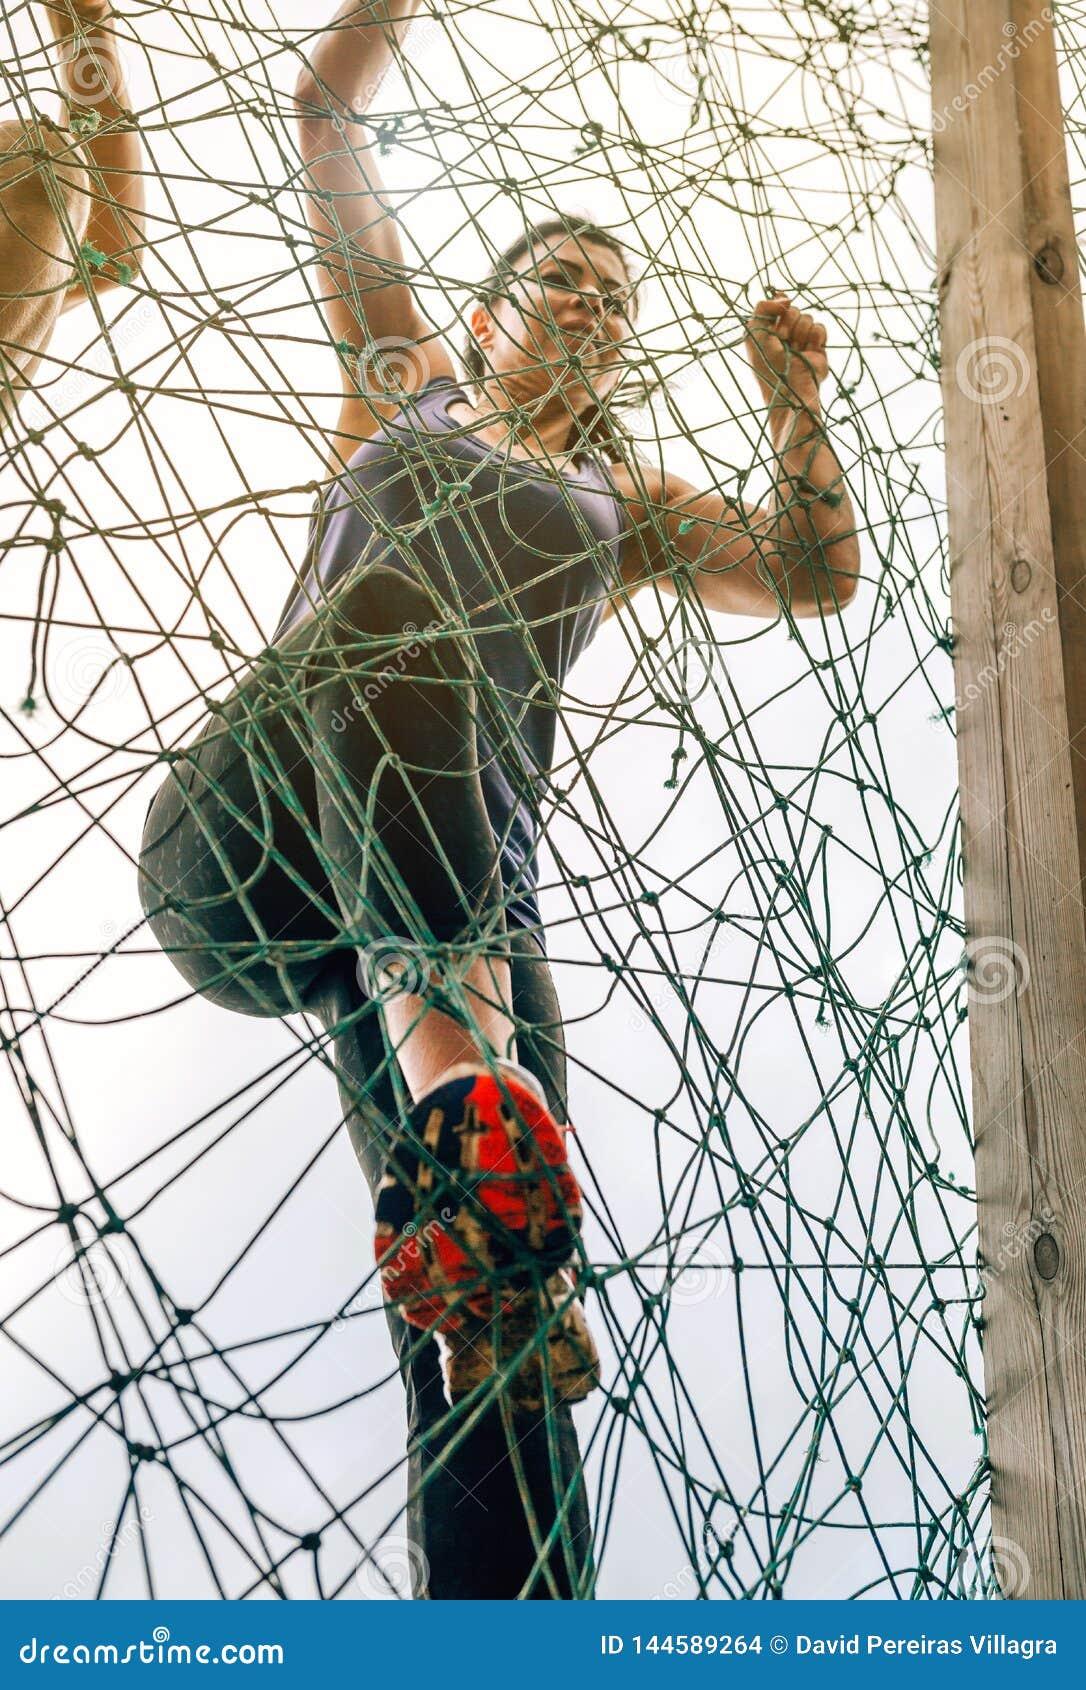 Participante na rede de escalada do curso de obstáculo